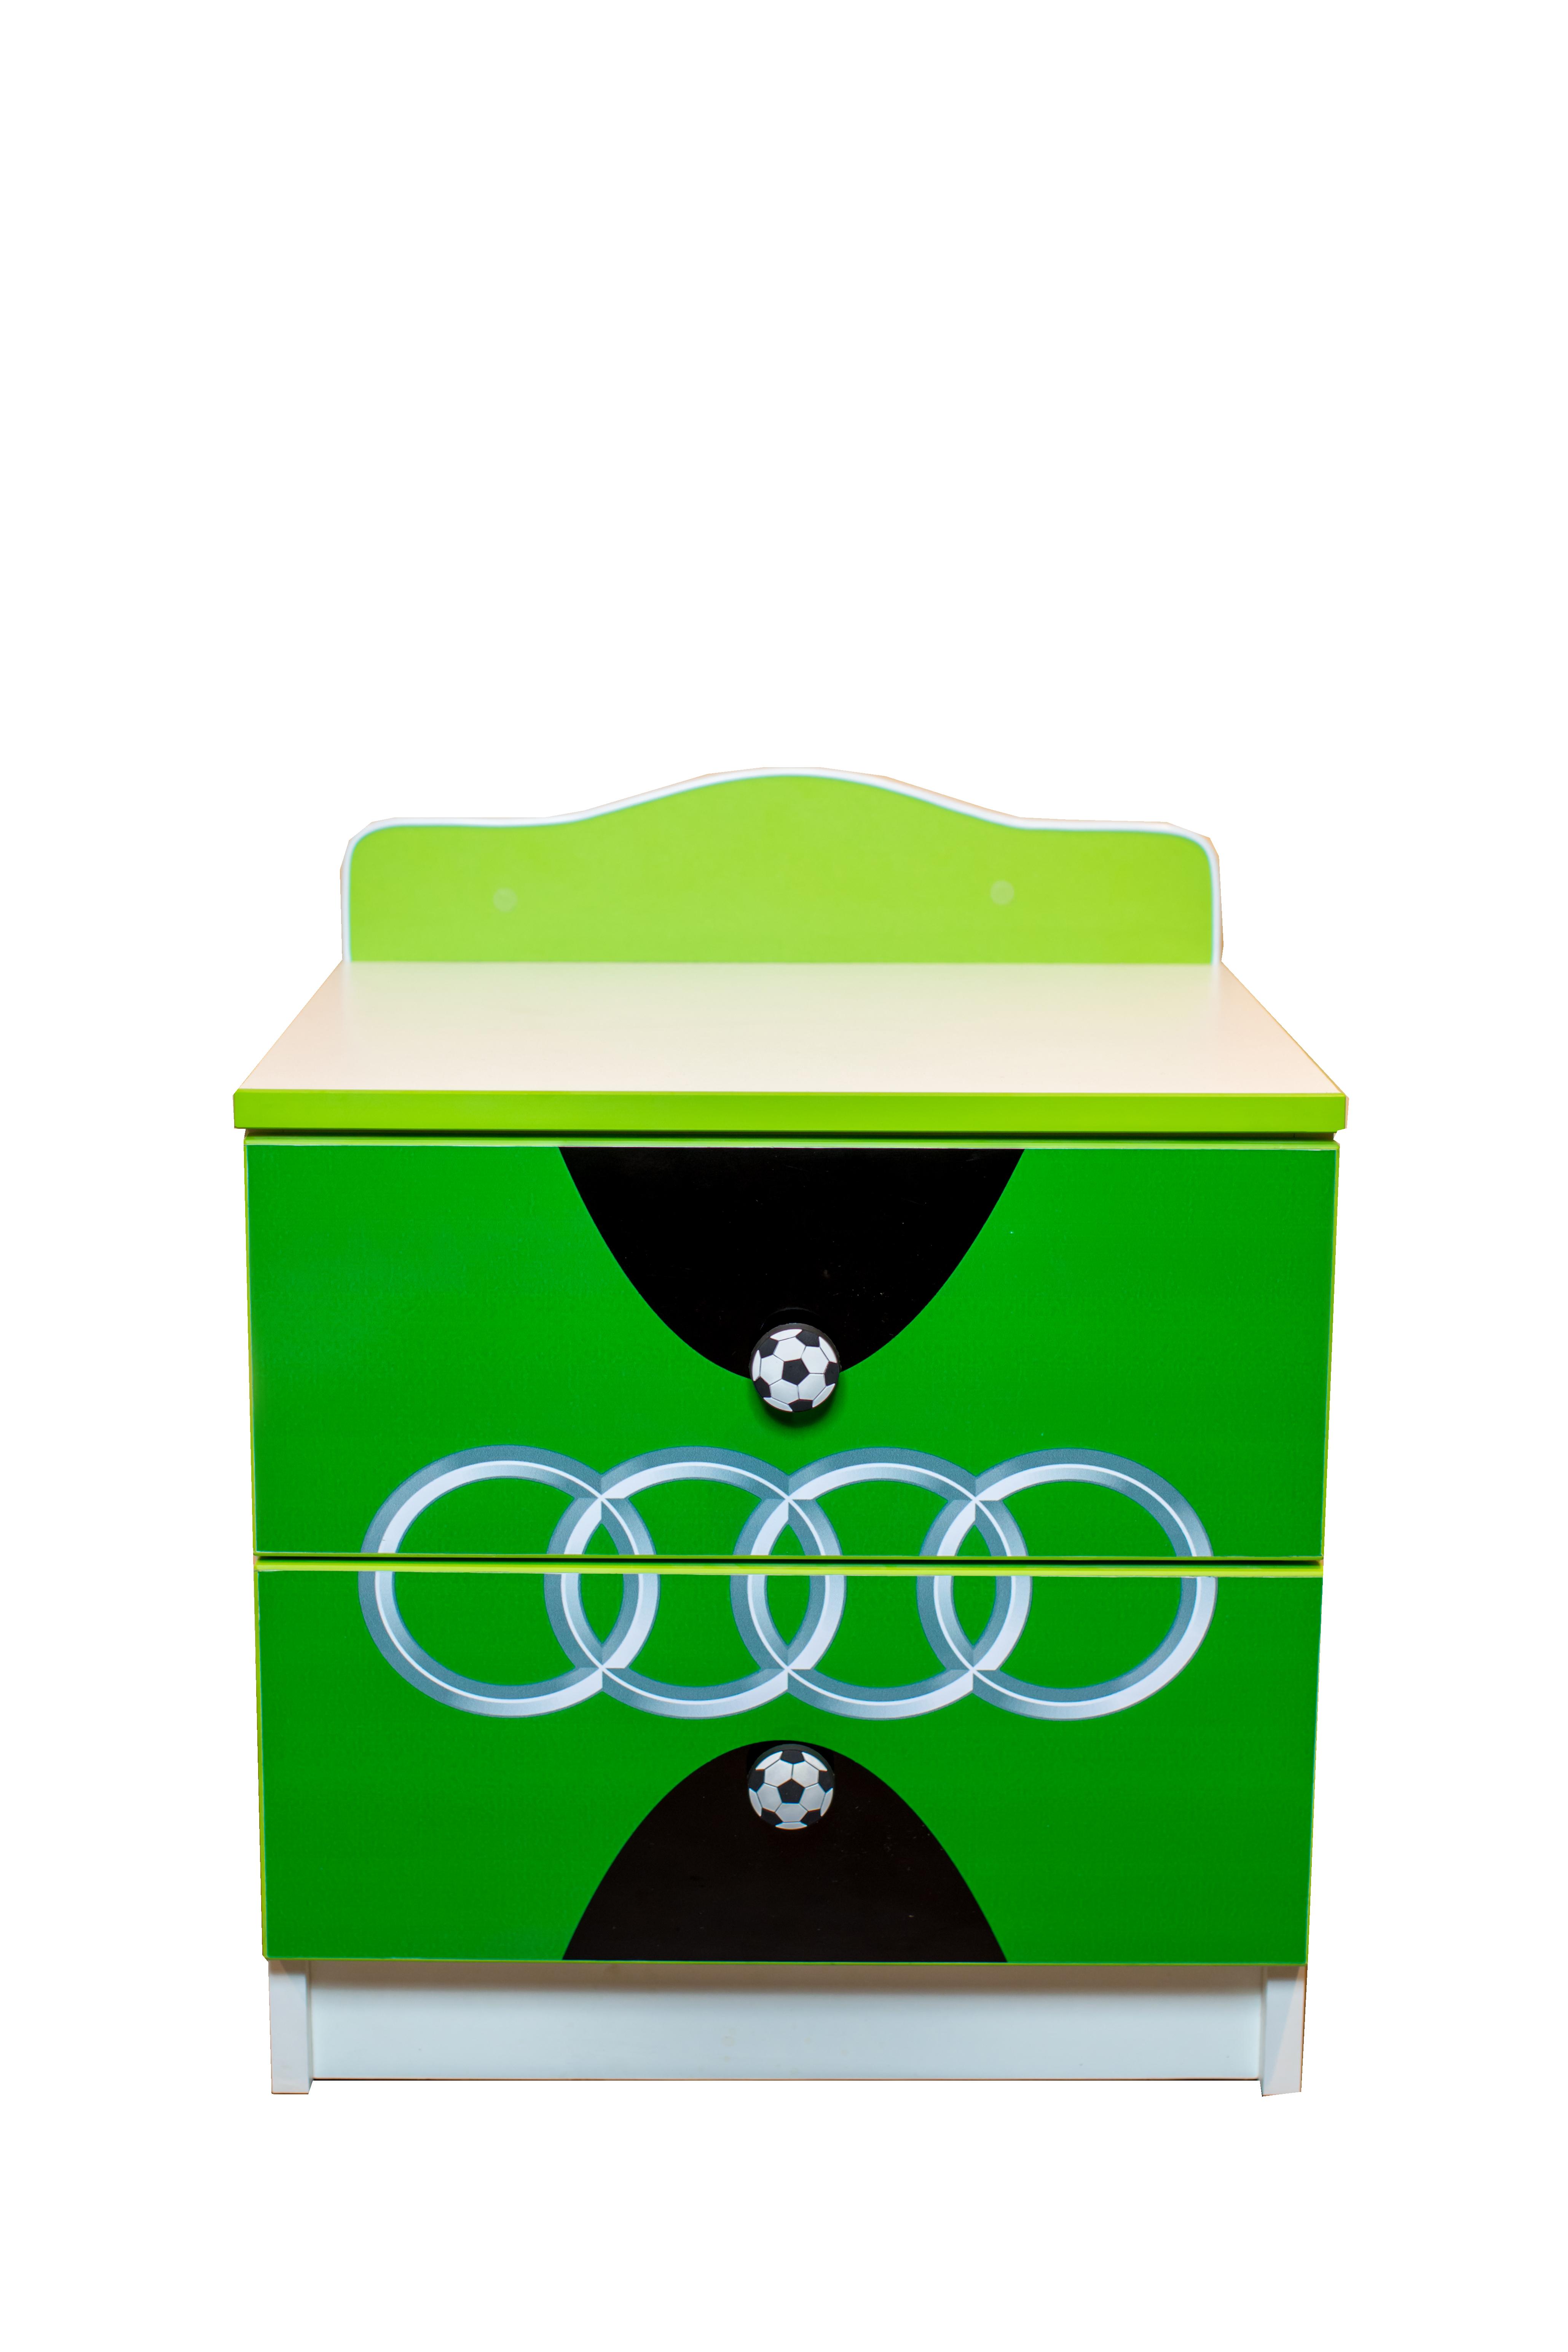 Mələklər -  Audi uşaq dəsti  - 5